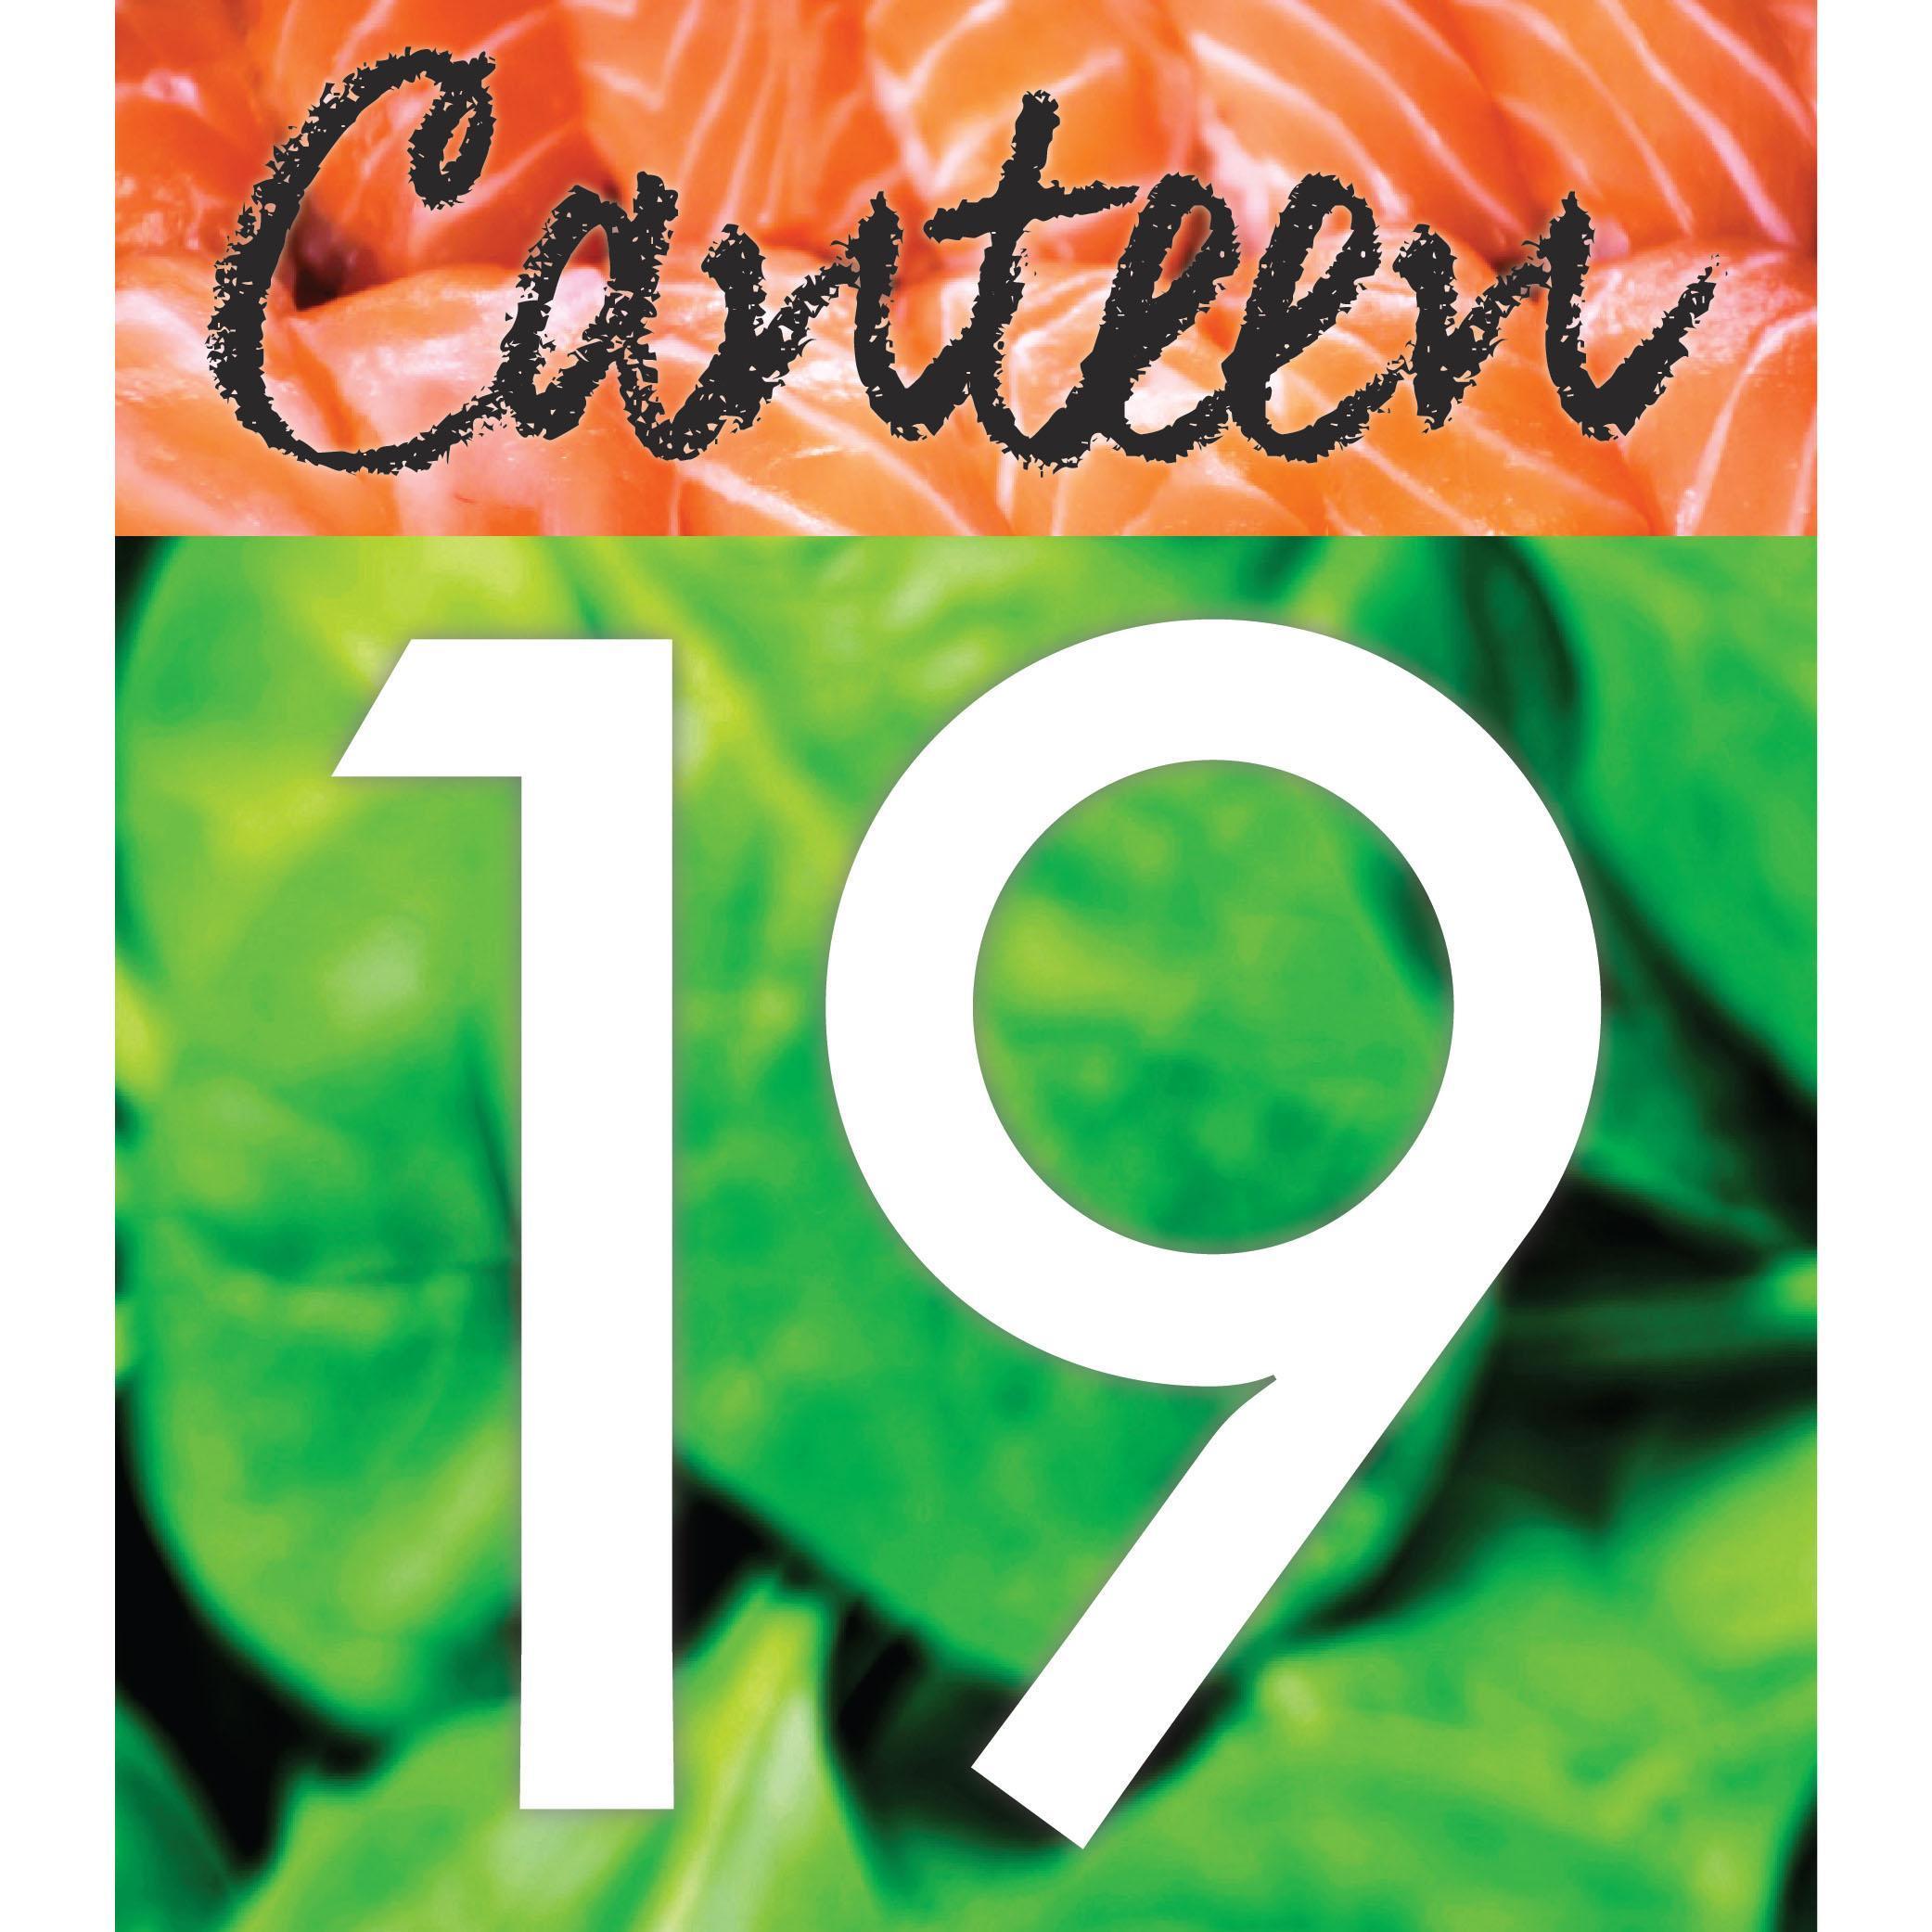 Canteen19